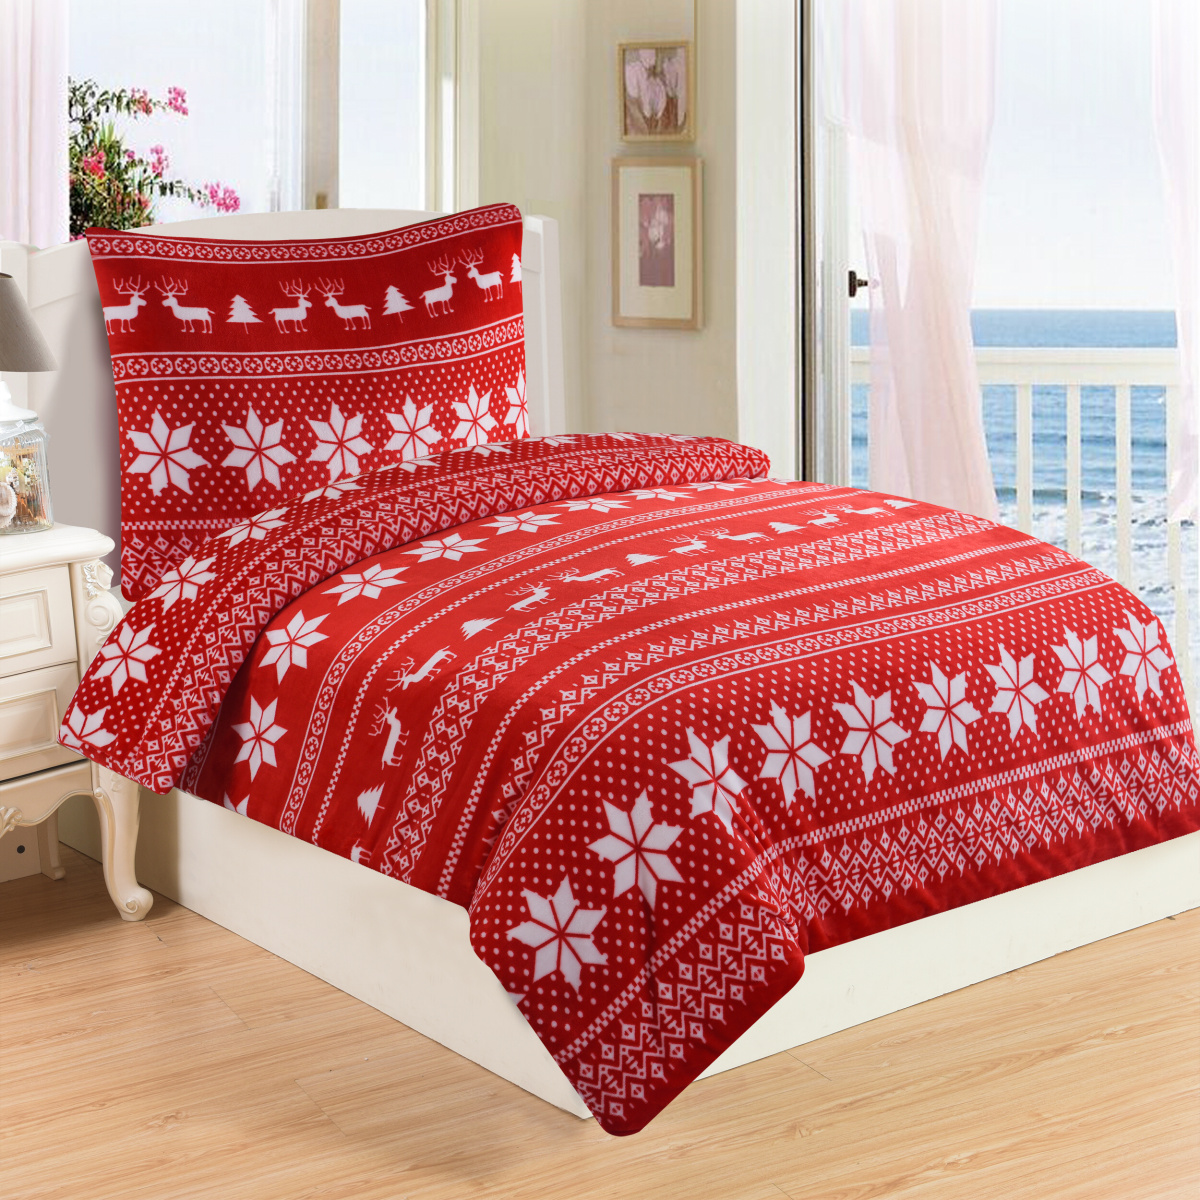 Jahu Povlečení mikroflanel Winter red 140x200, 70x90 cm